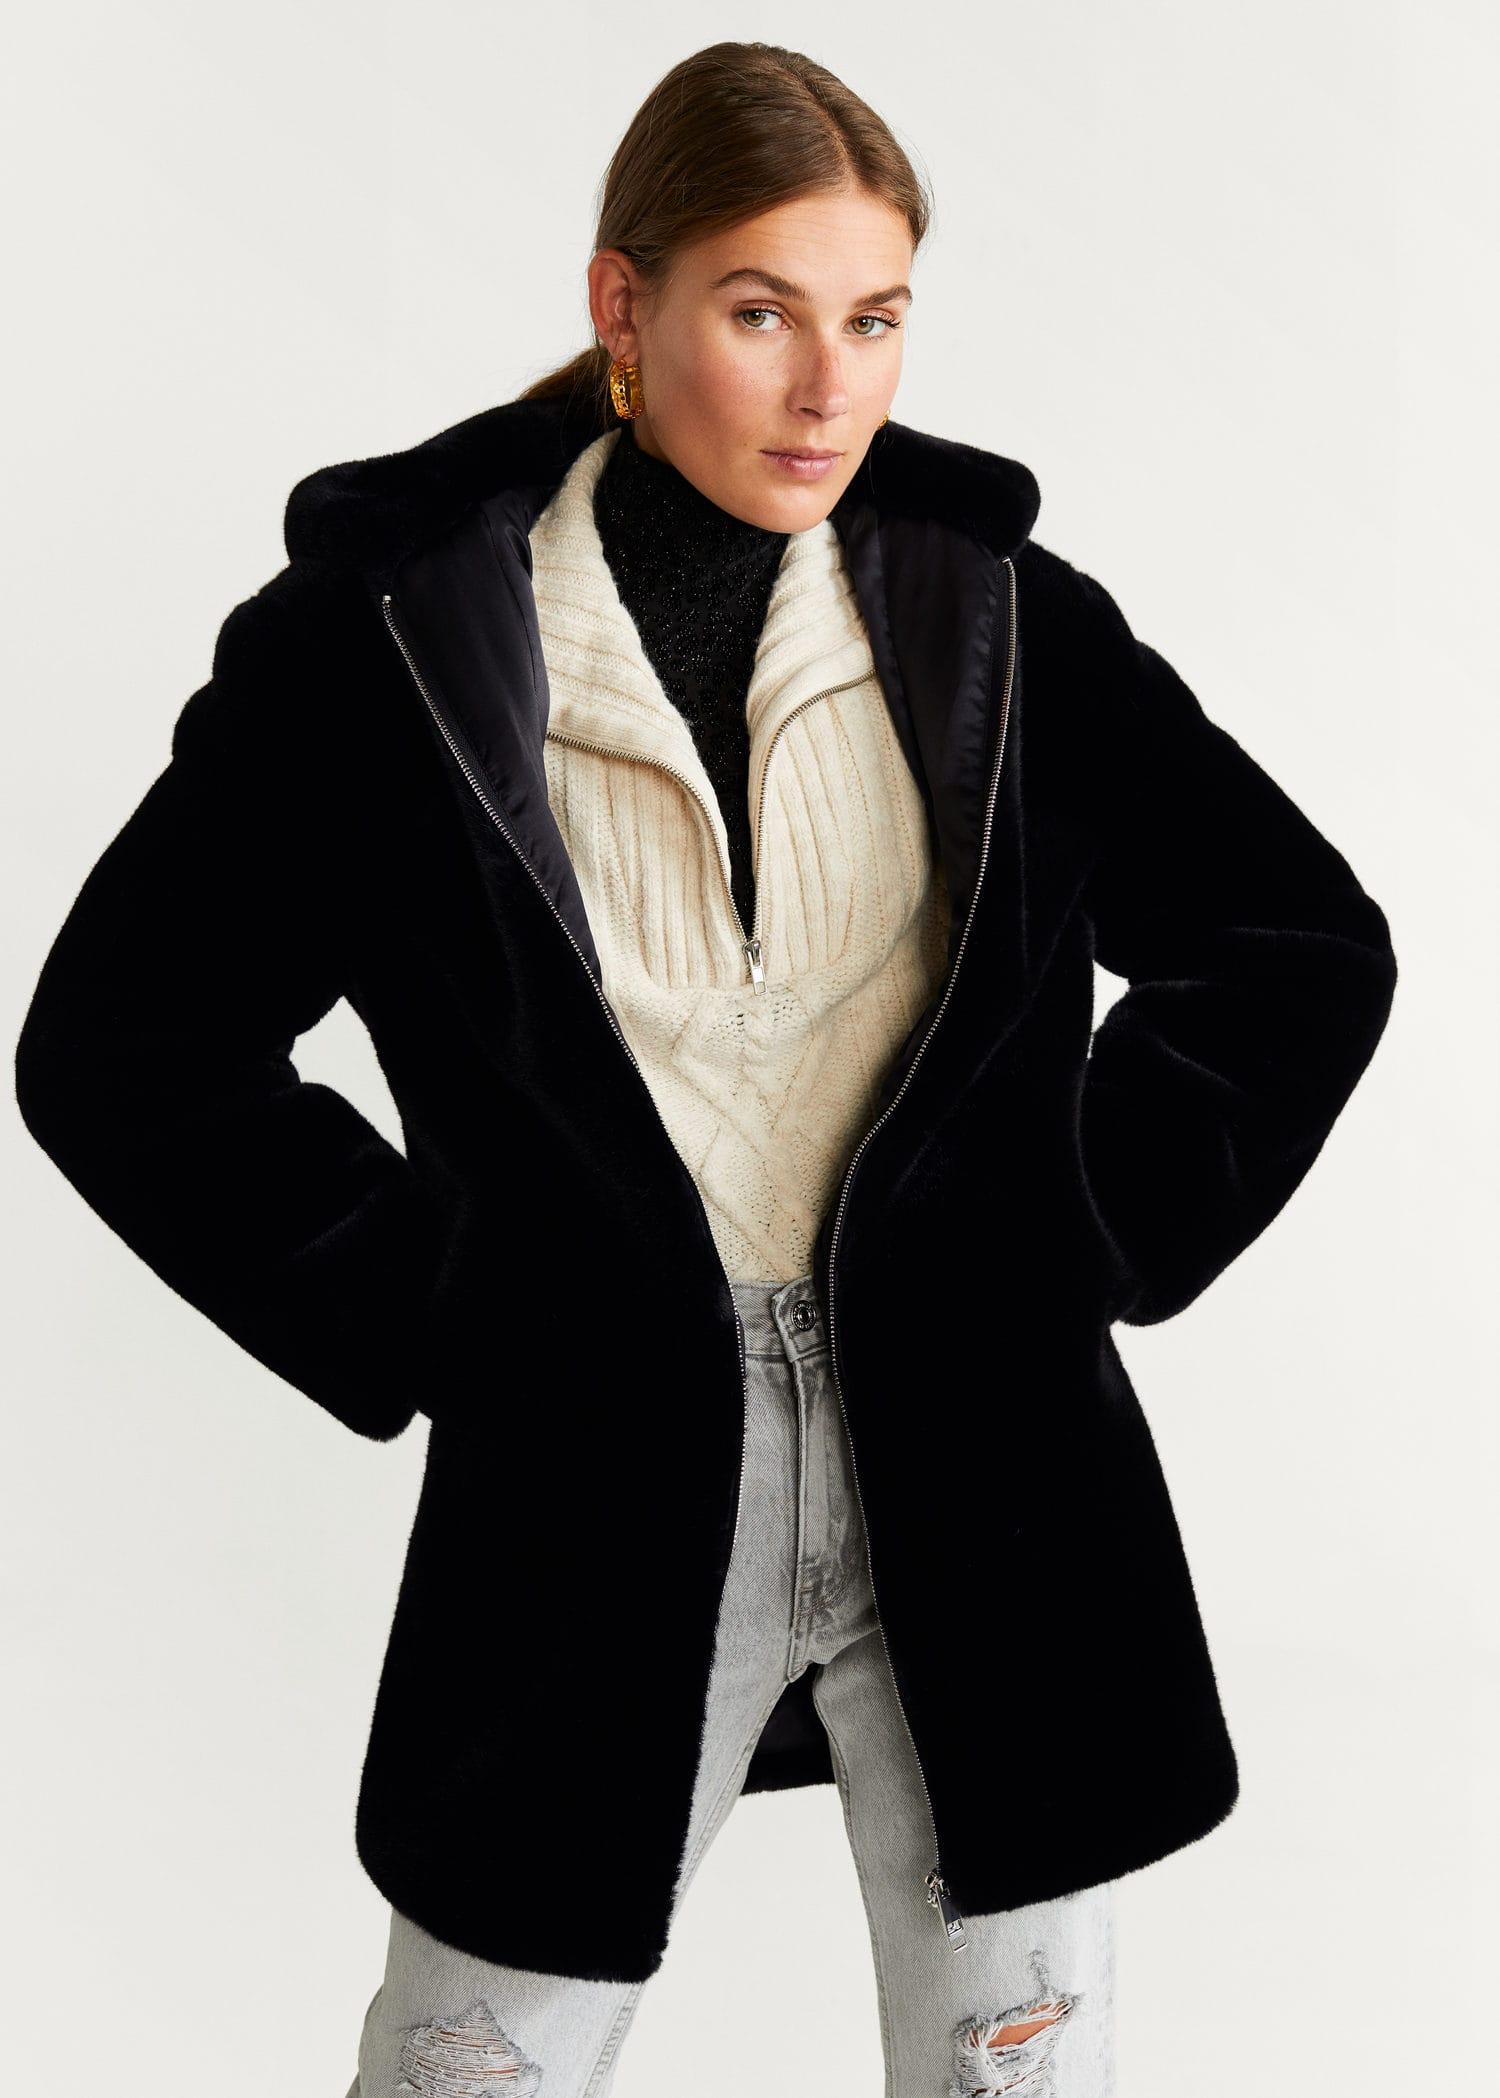 Kabátok és felsőruházat | Ruházat | Fruugo Magyarország